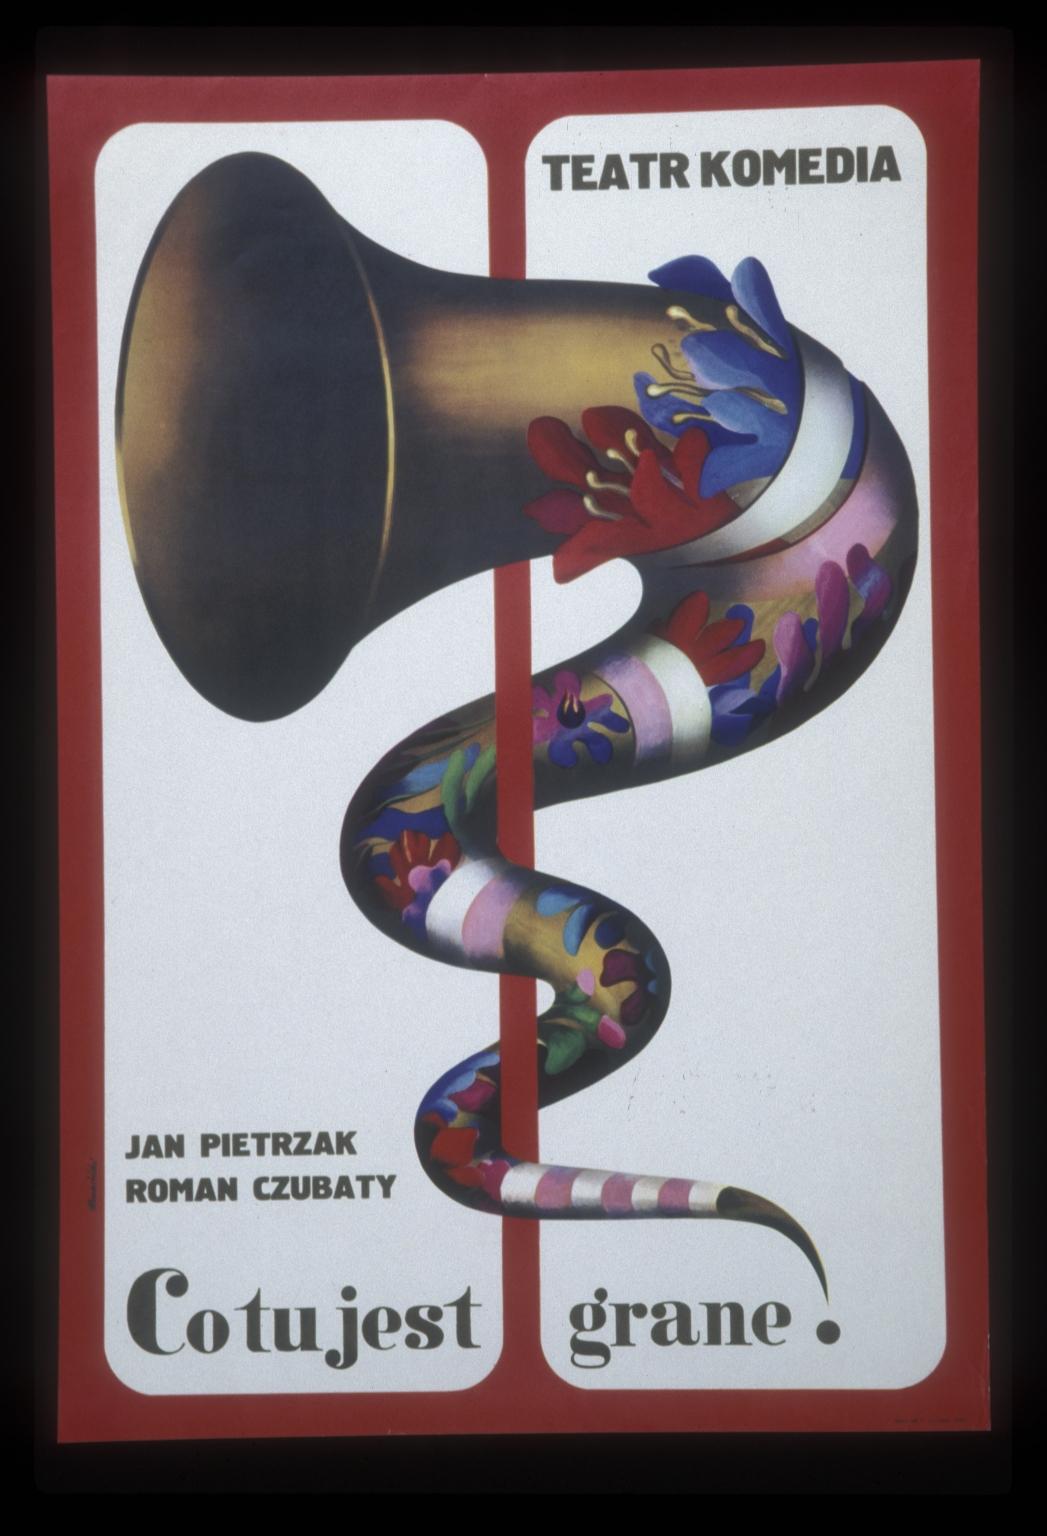 Co tu jest grane: Teatr Komedia : Jan Pietrzak, Roman Czubaty